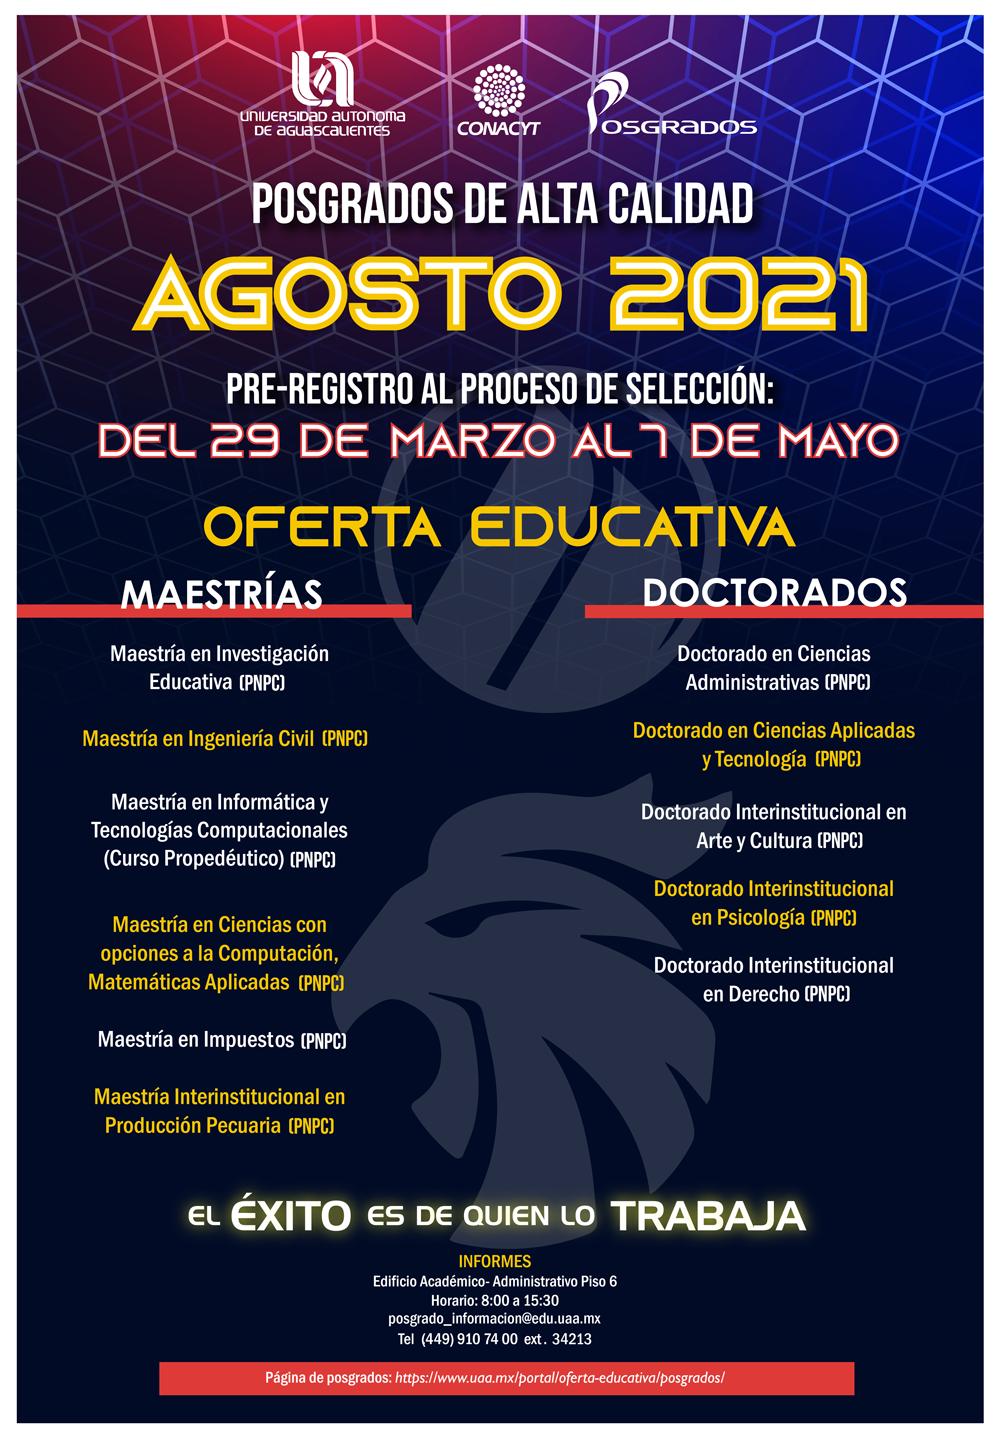 Convocatorias Posgrados Agosto 2021